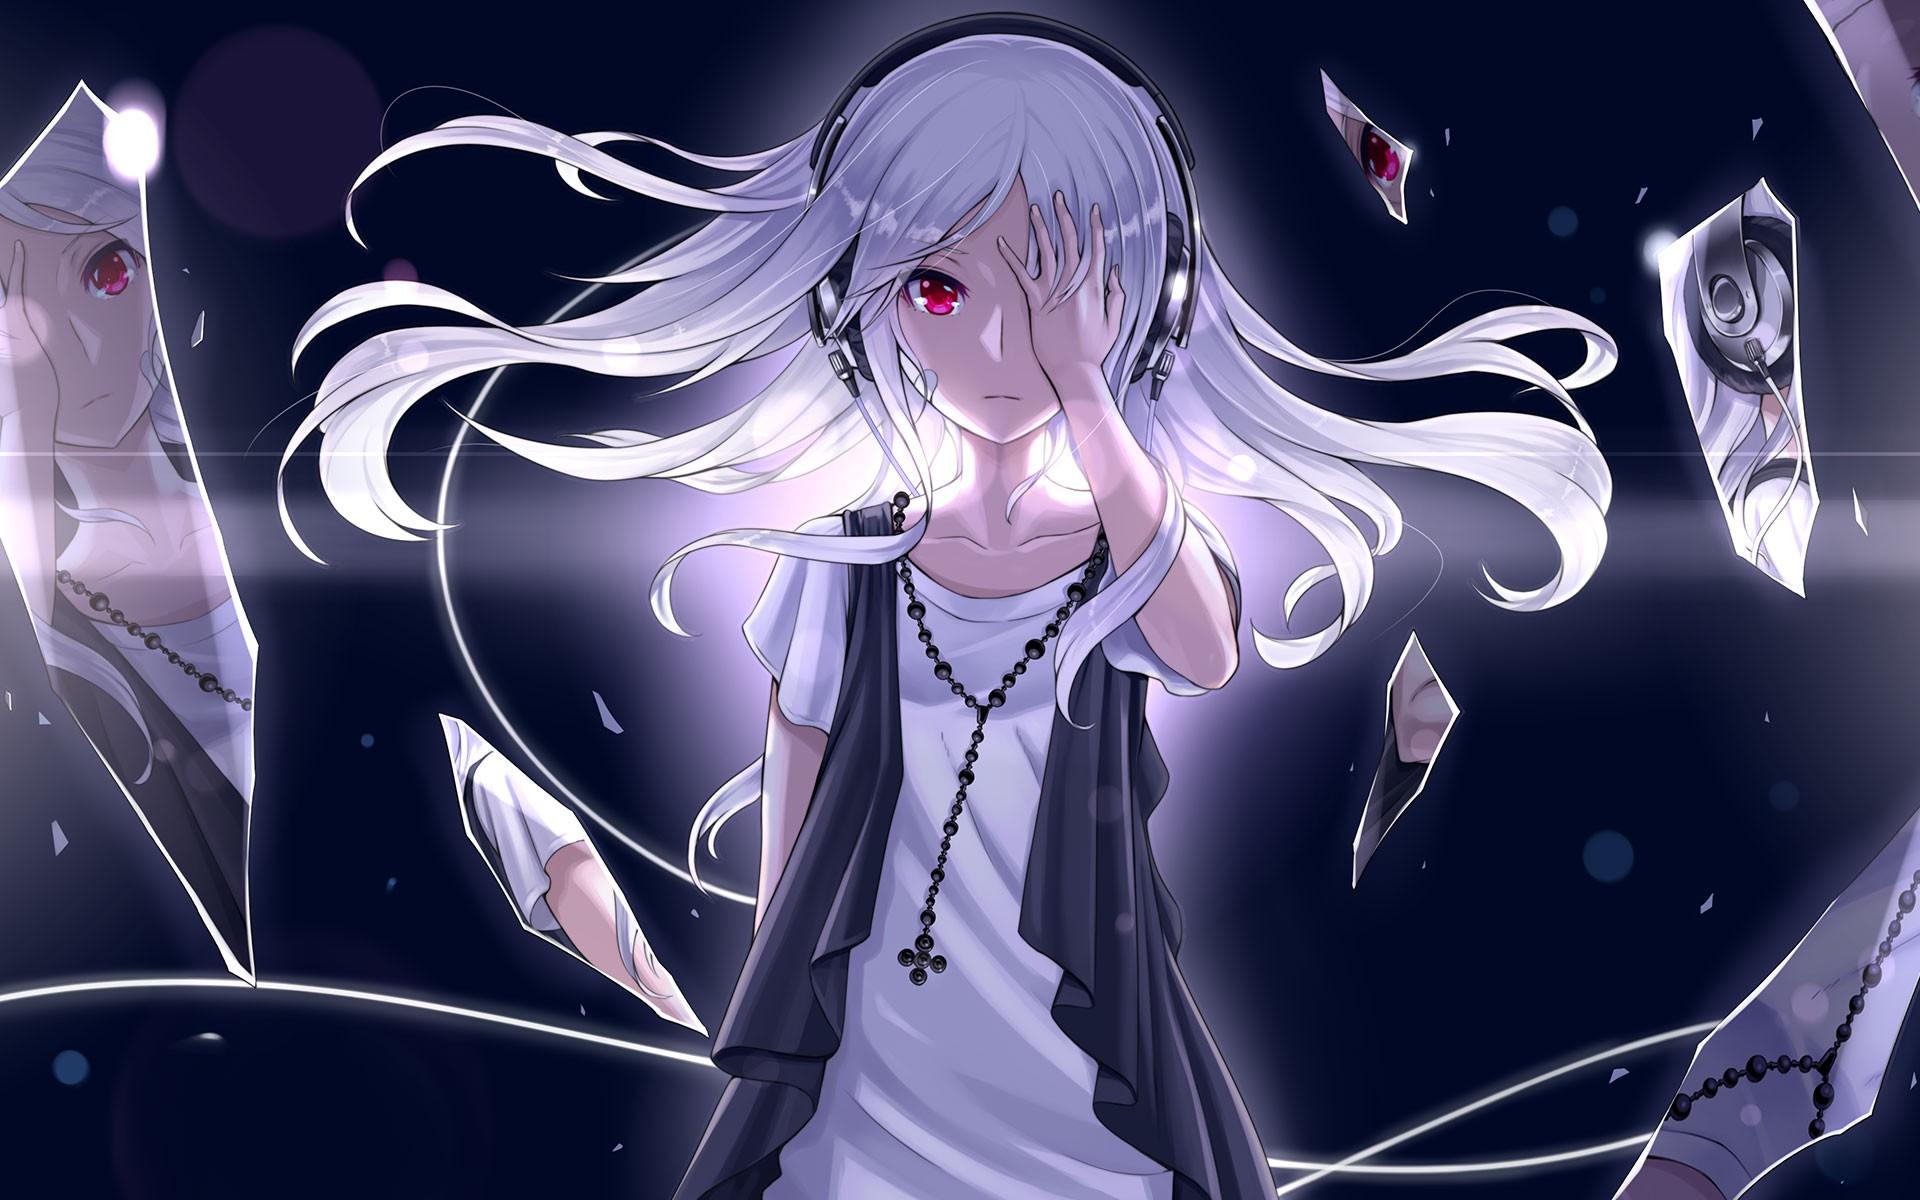 Nidy 2d anime girl